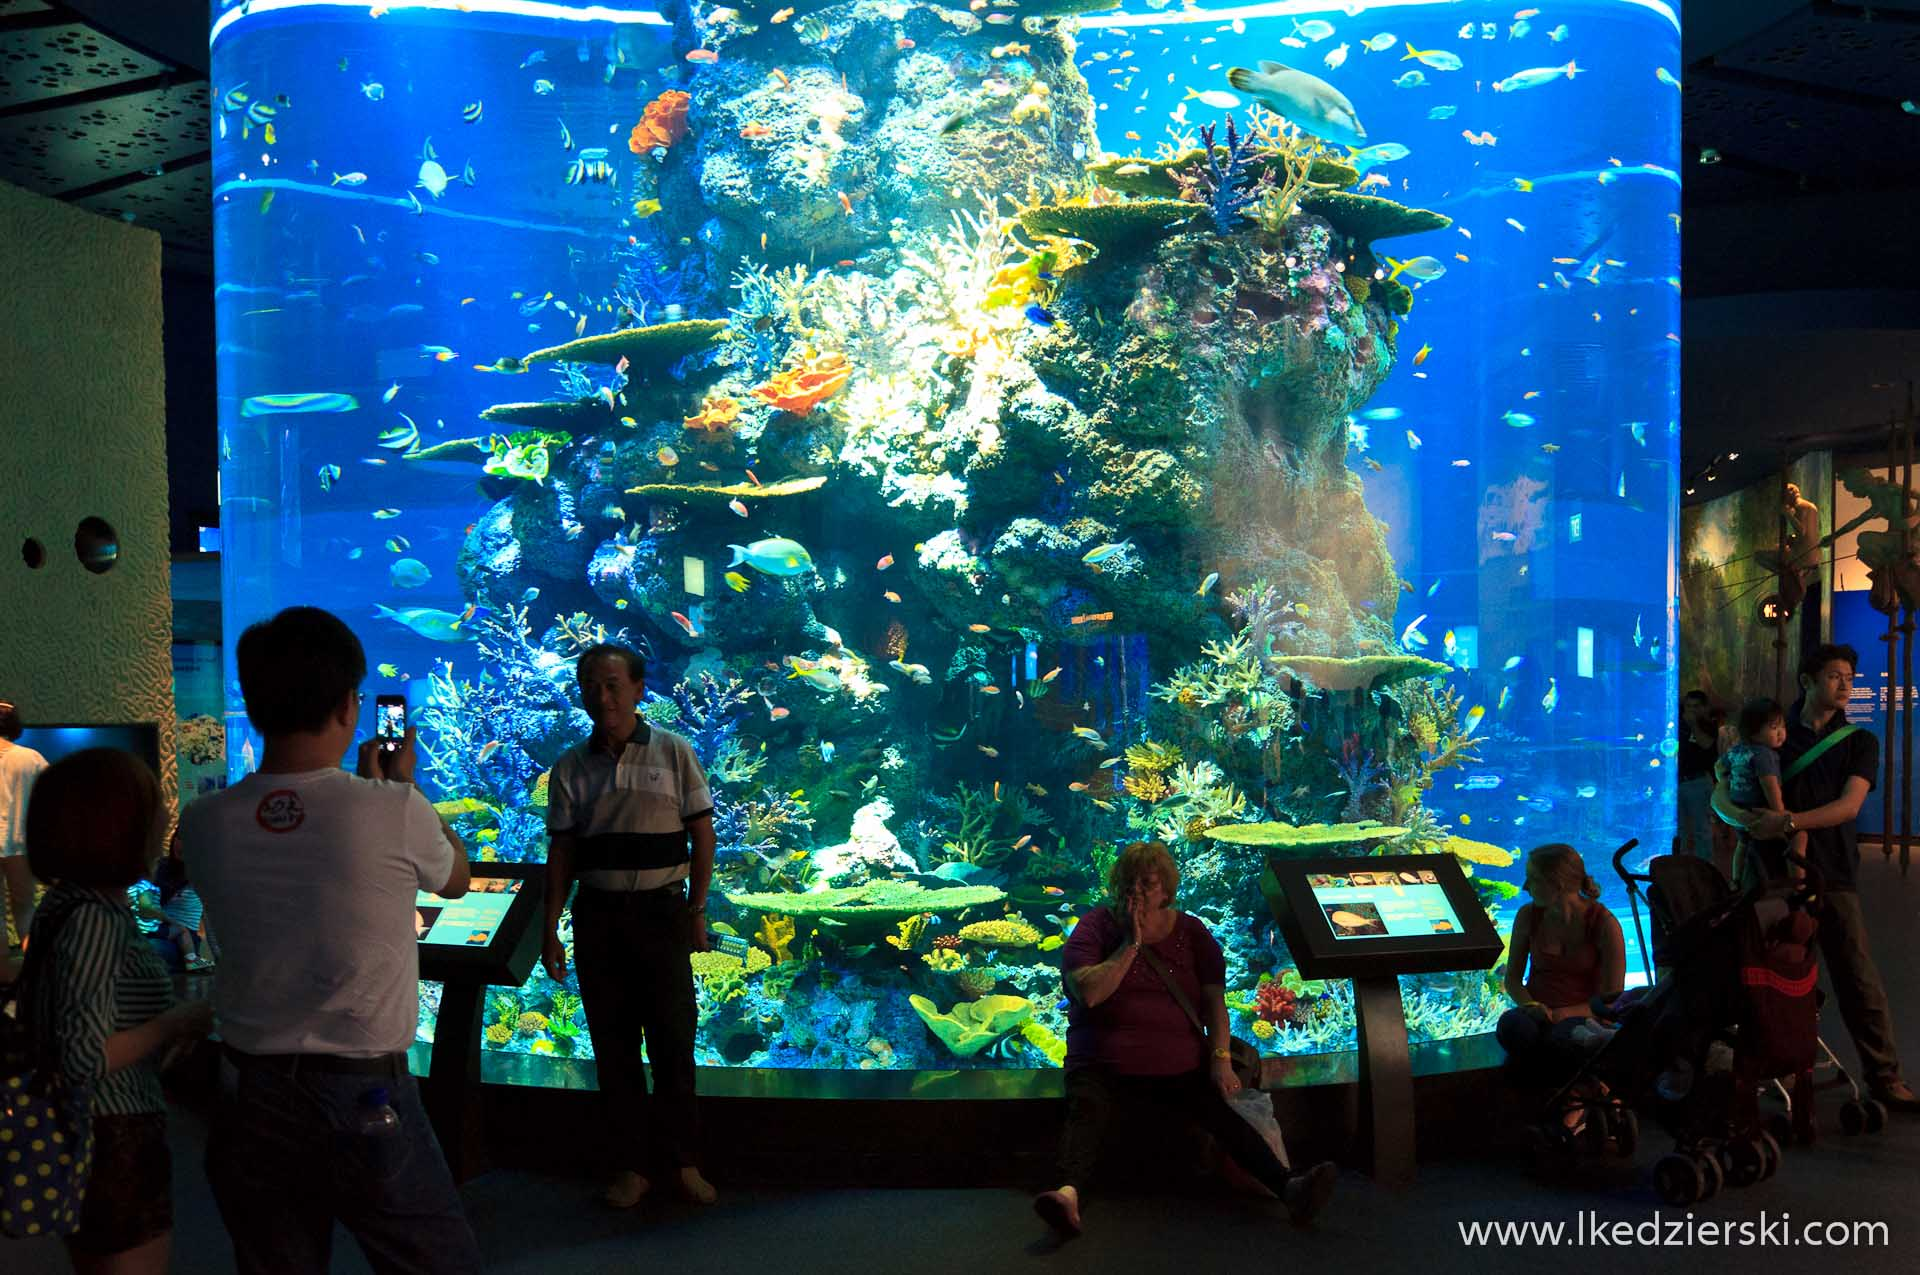 akwarium w singapurze